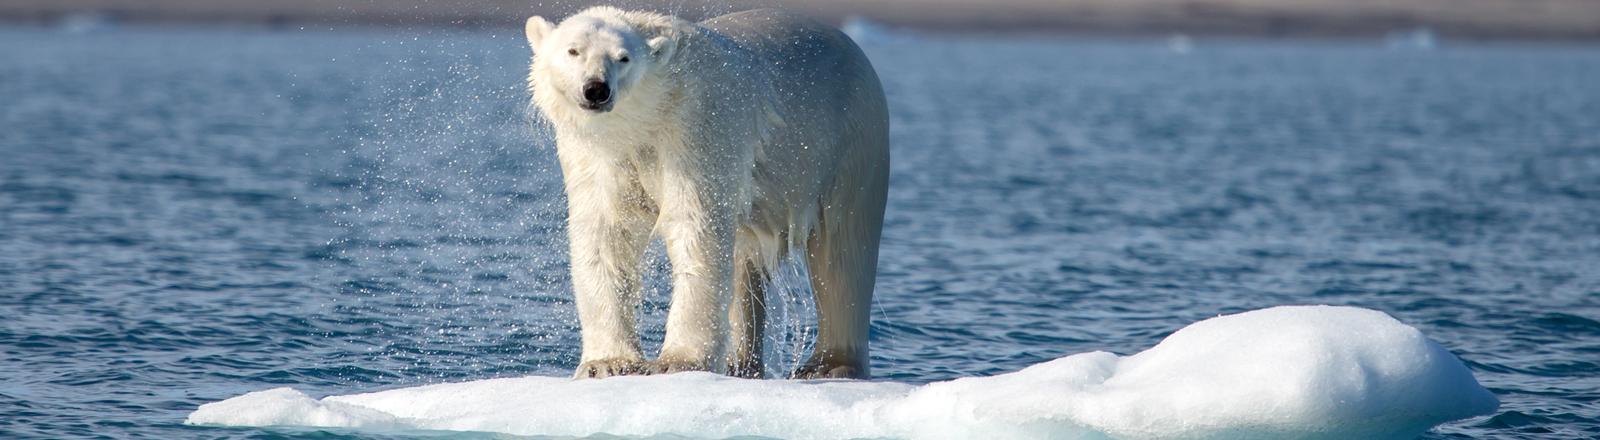 Eisbär auf einer Eisscholle